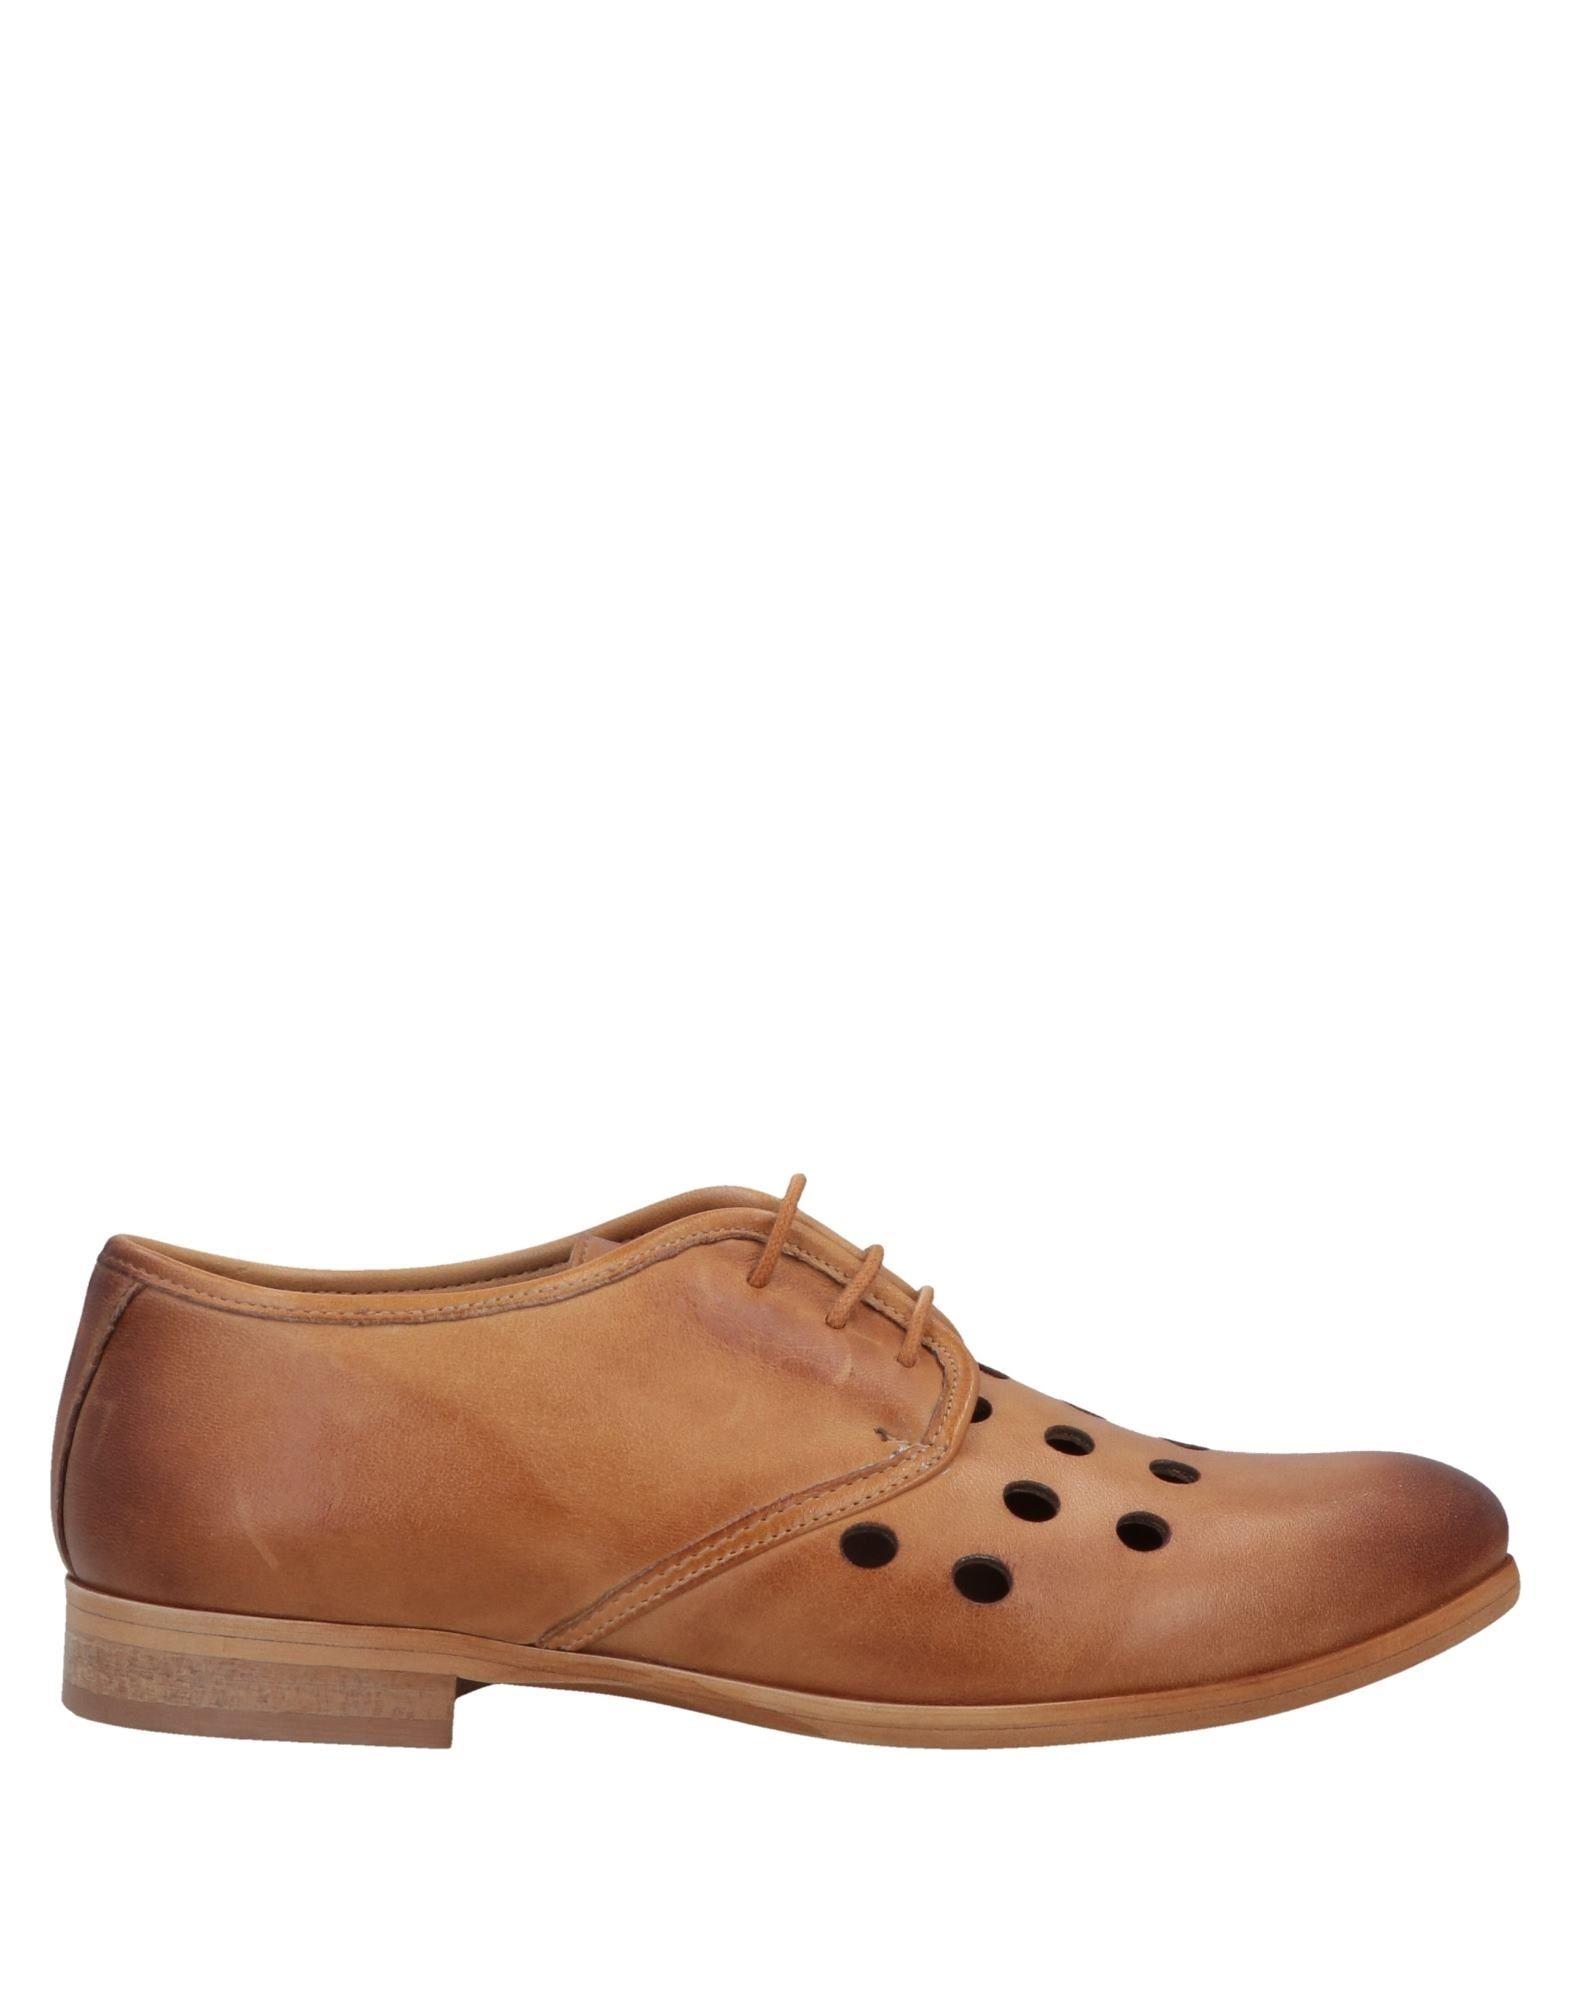 Фото - PIRANHA Обувь на шнурках обувь на высокой платформе dkny